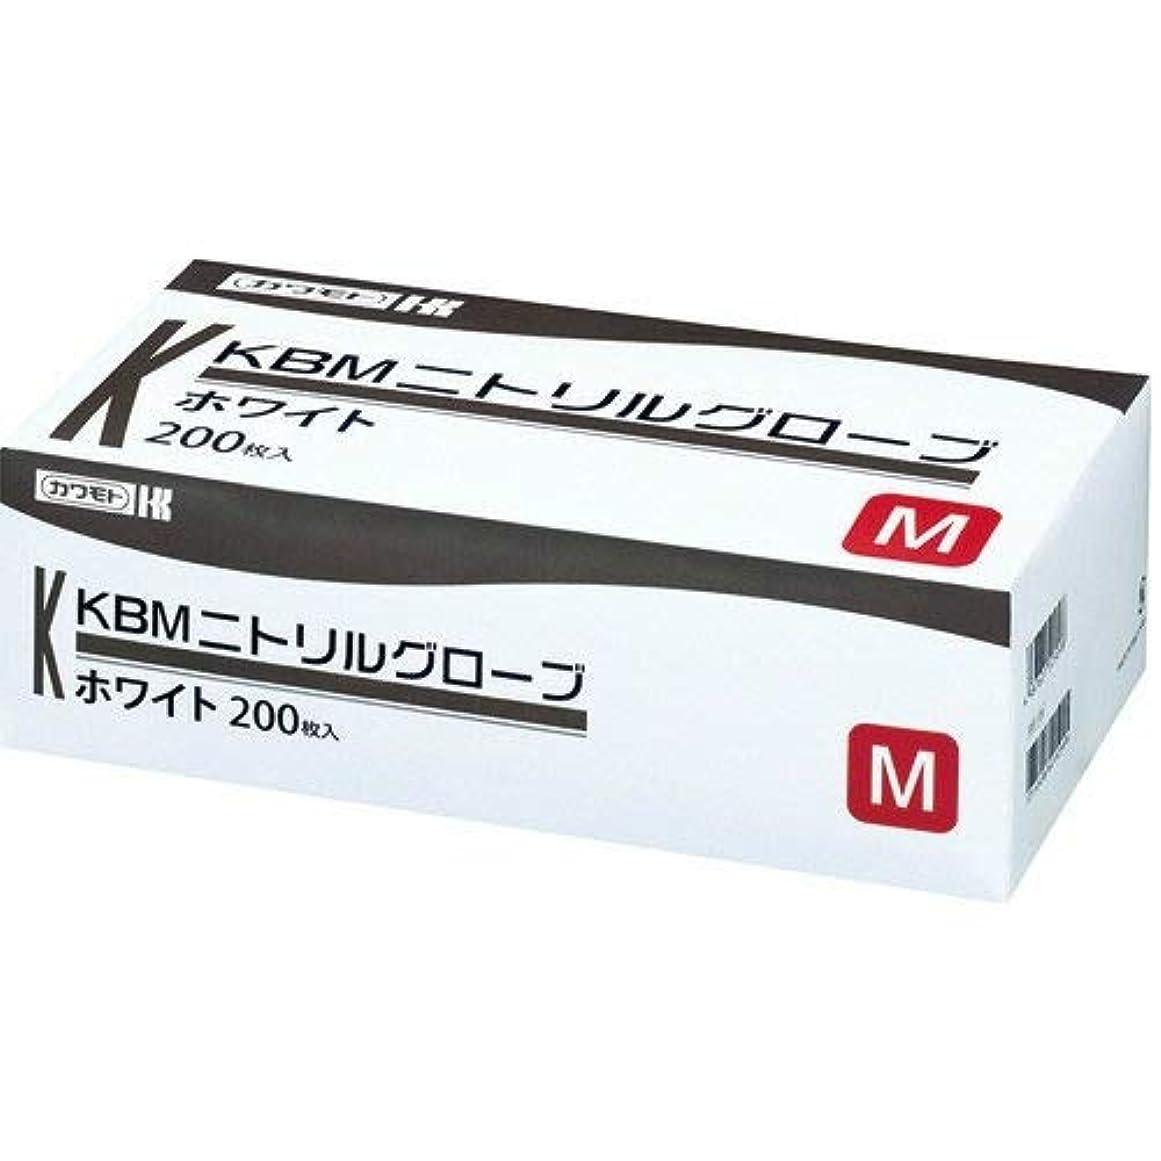 鋼悲観主義者メイト川本産業 カワモト ニトリルグローブ ホワイト M 200枚入